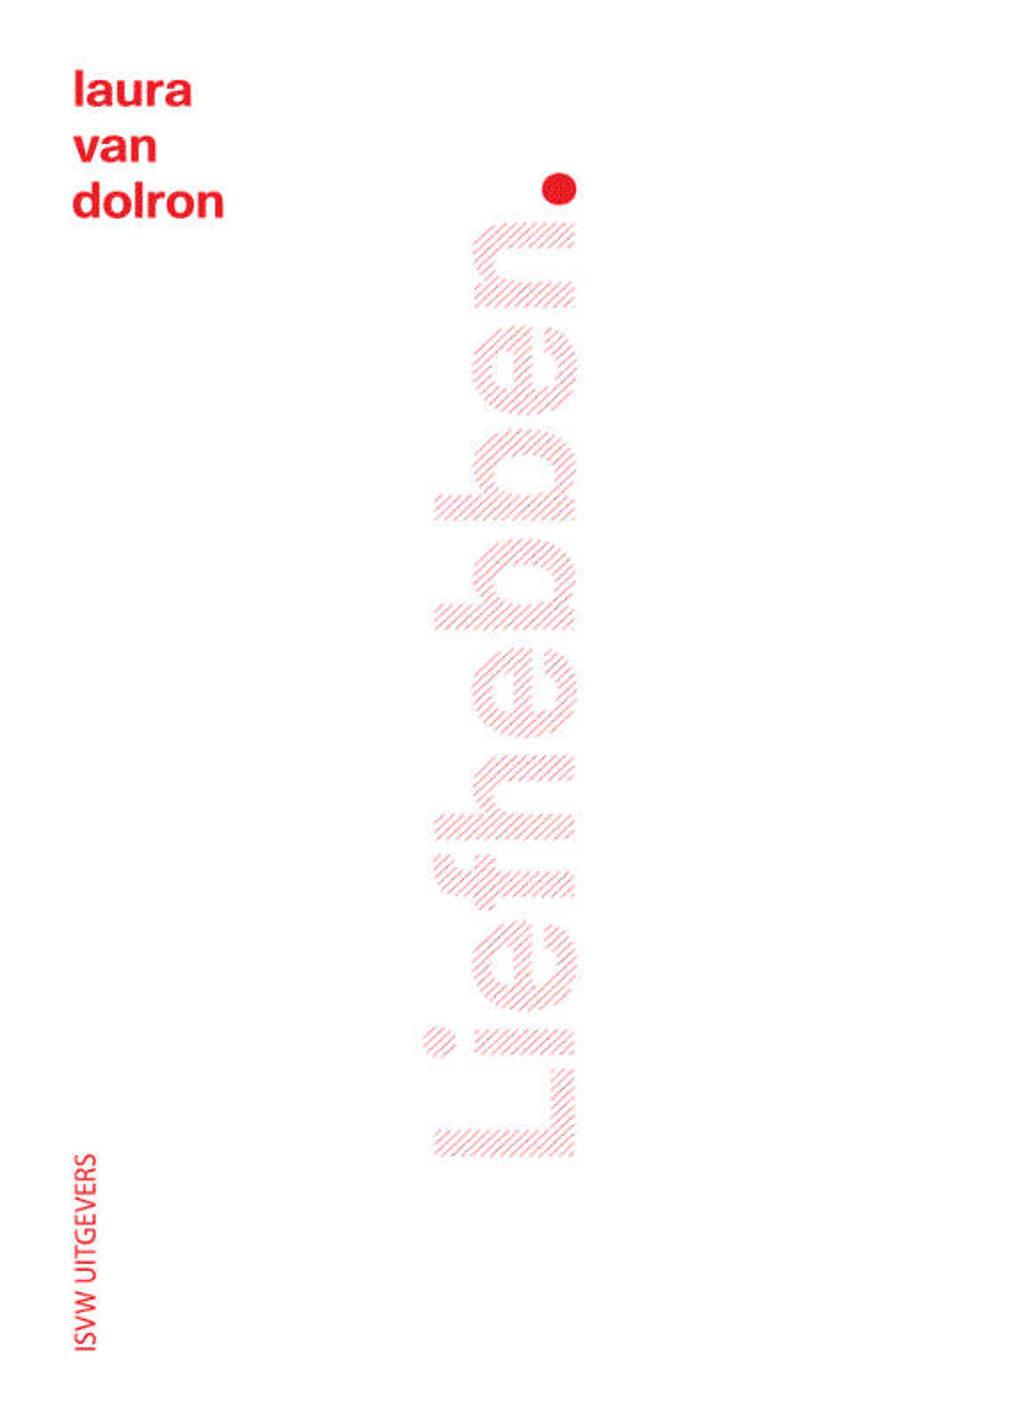 Liefhebben - Laura van Dolron